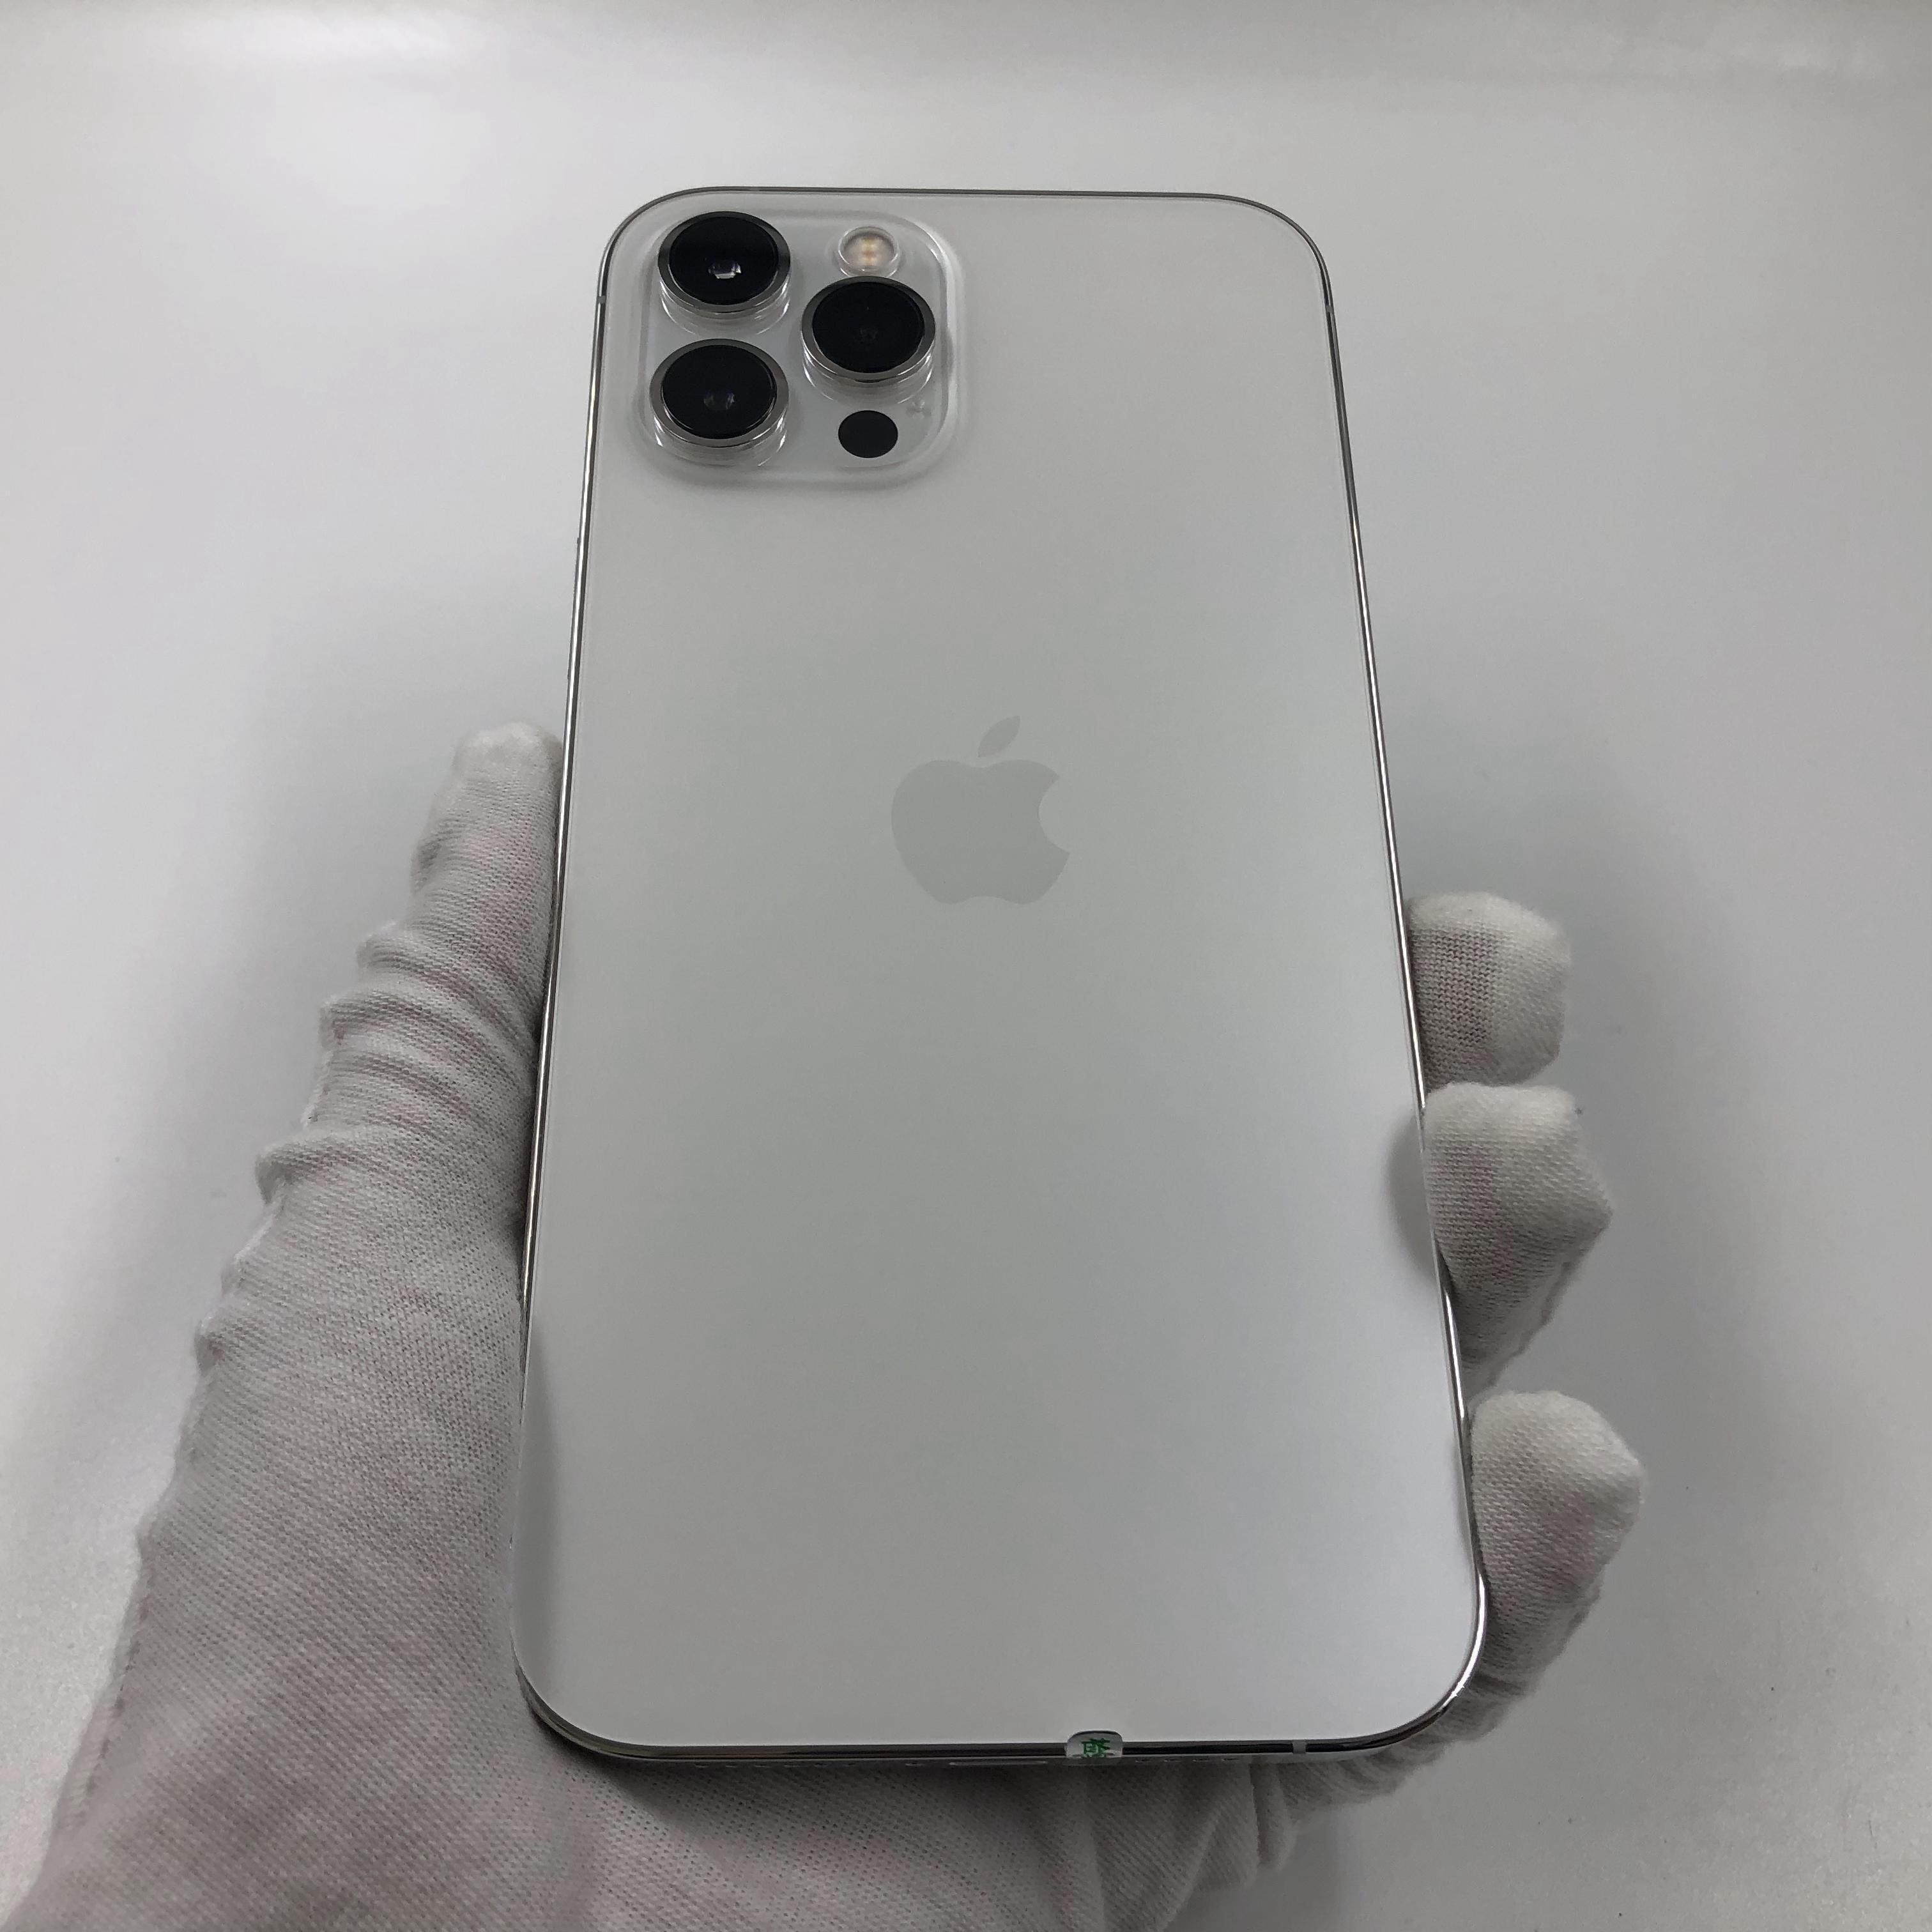 苹果【iPhone 12 Pro Max】5G全网通 银色 256G 国行 95新 真机实拍保修2021-06-08